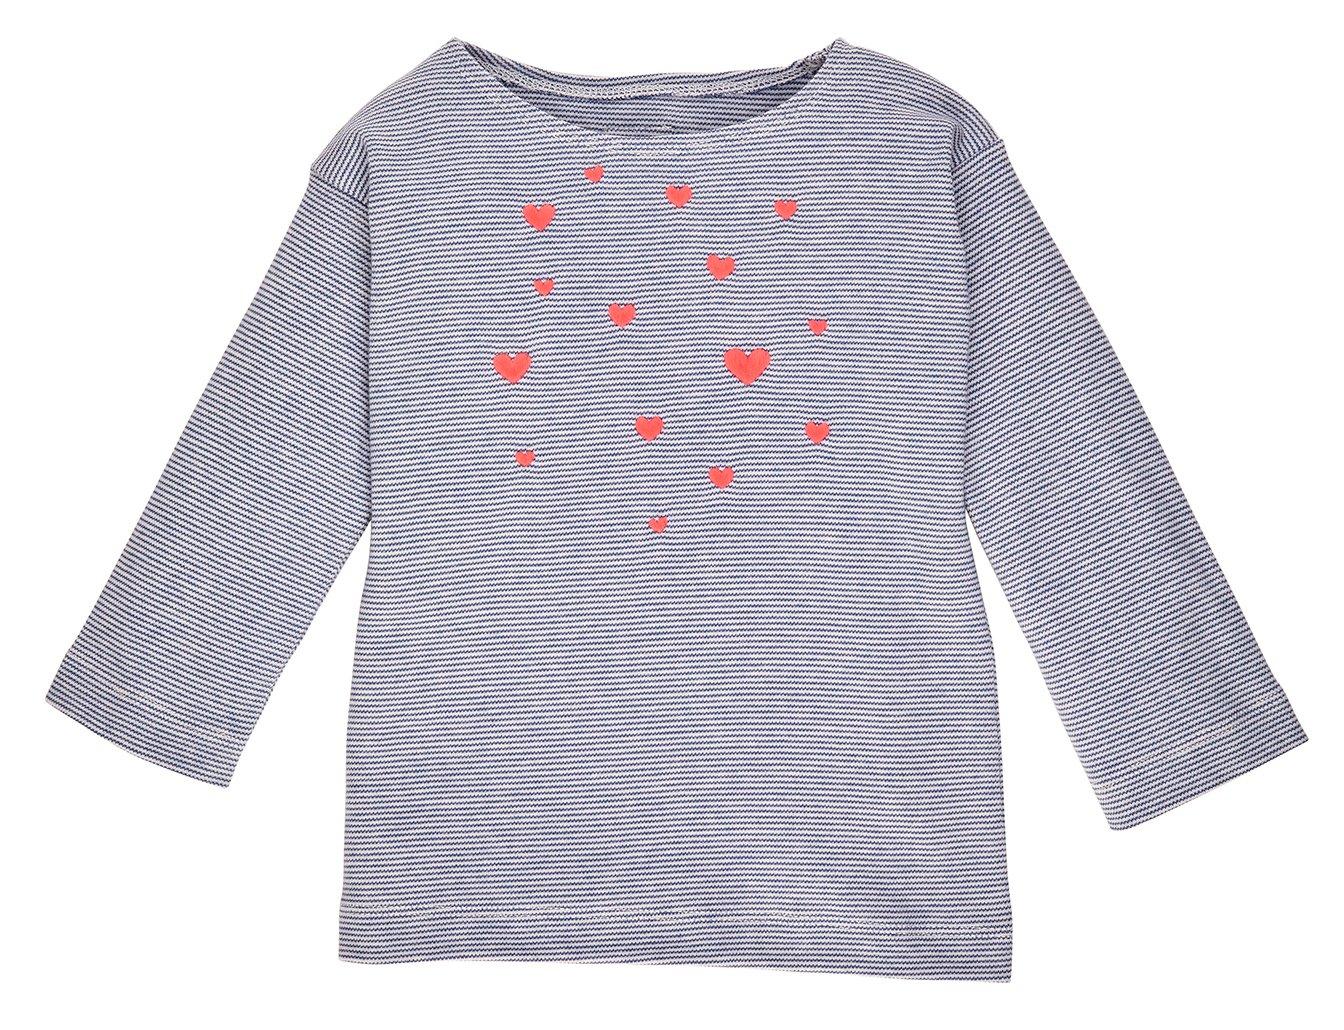 Image of NEU T-Shirt blau gestreift mit pink leuchtenden Herzen Art. 235228